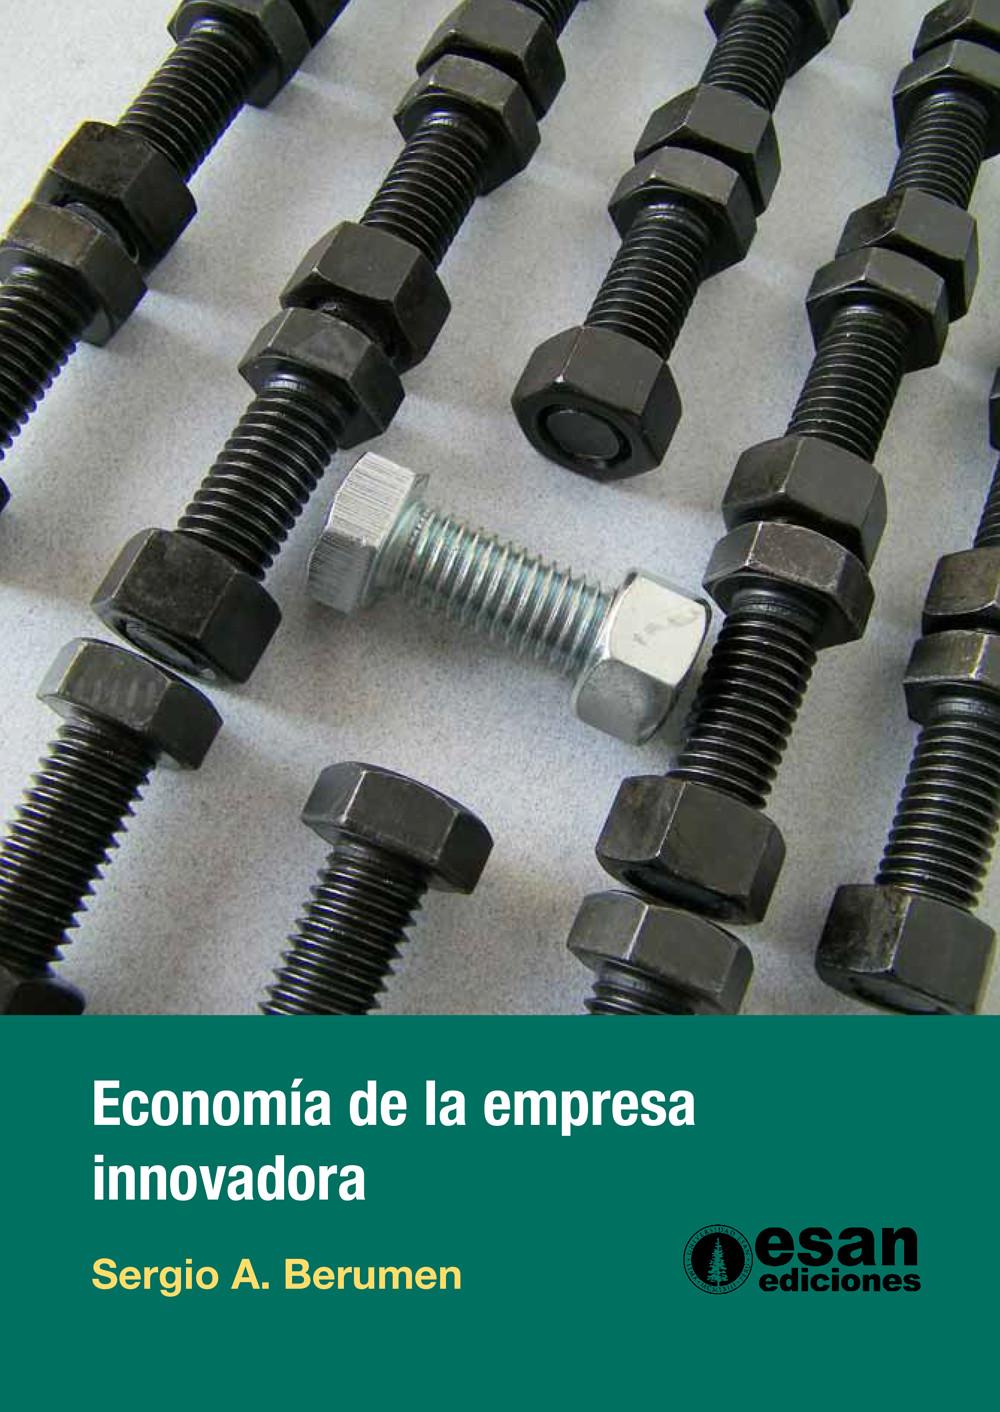 Economía de la empresa innovadora